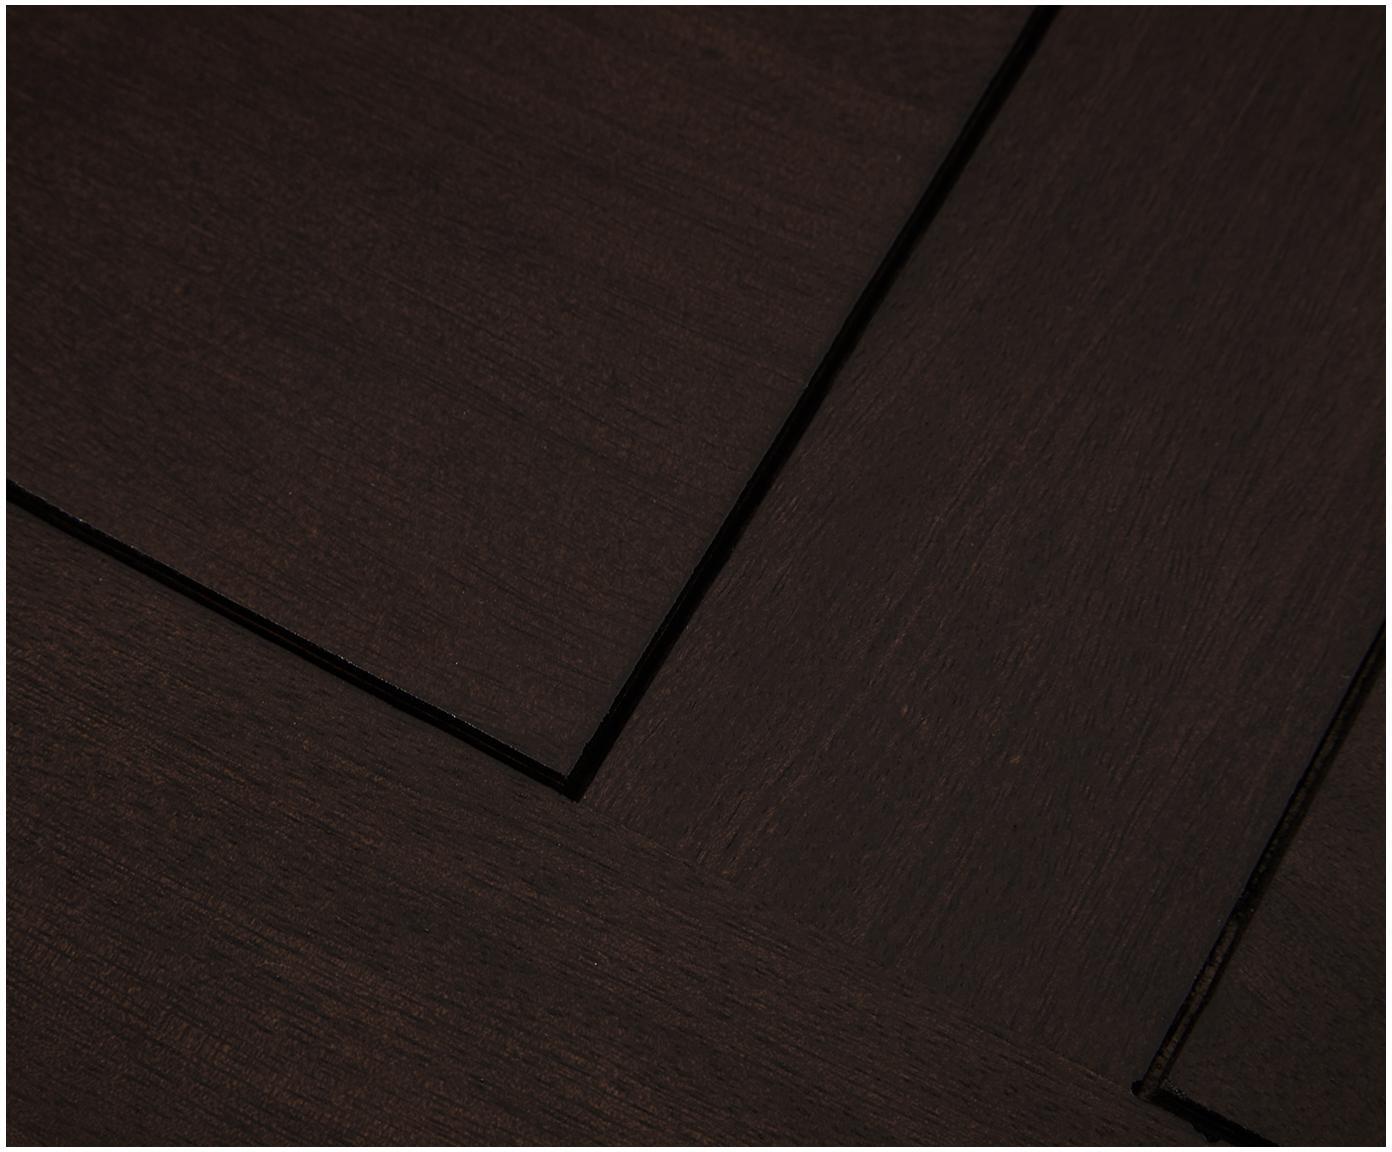 Massief houten tv-meubel Rasmus, Frame: massief gelakt mangohout, Poten: gepoedercoat metaal, Handvatten: gepoedercoat metaal, Frame: gelakt mangohout. Poten: mat goudkleurig. Handvatten: mat goudkleurig, 180 x 60 cm